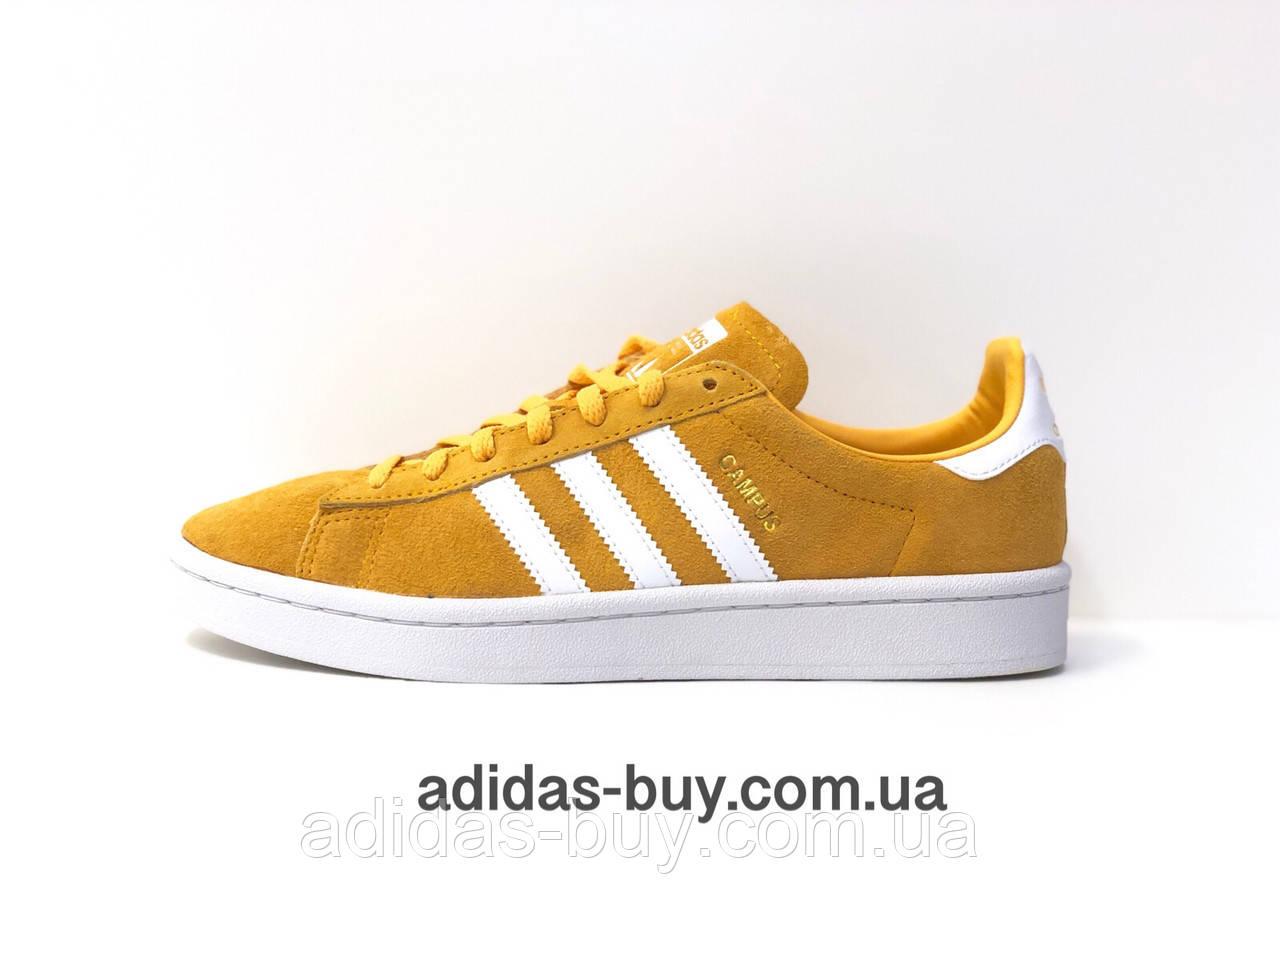 0d46e6b1071408 Кеды кроссовки оригинал adidas CAMPUS AQ1071 женские повседневные из замша  цвет: оранжевый/ жёлтый